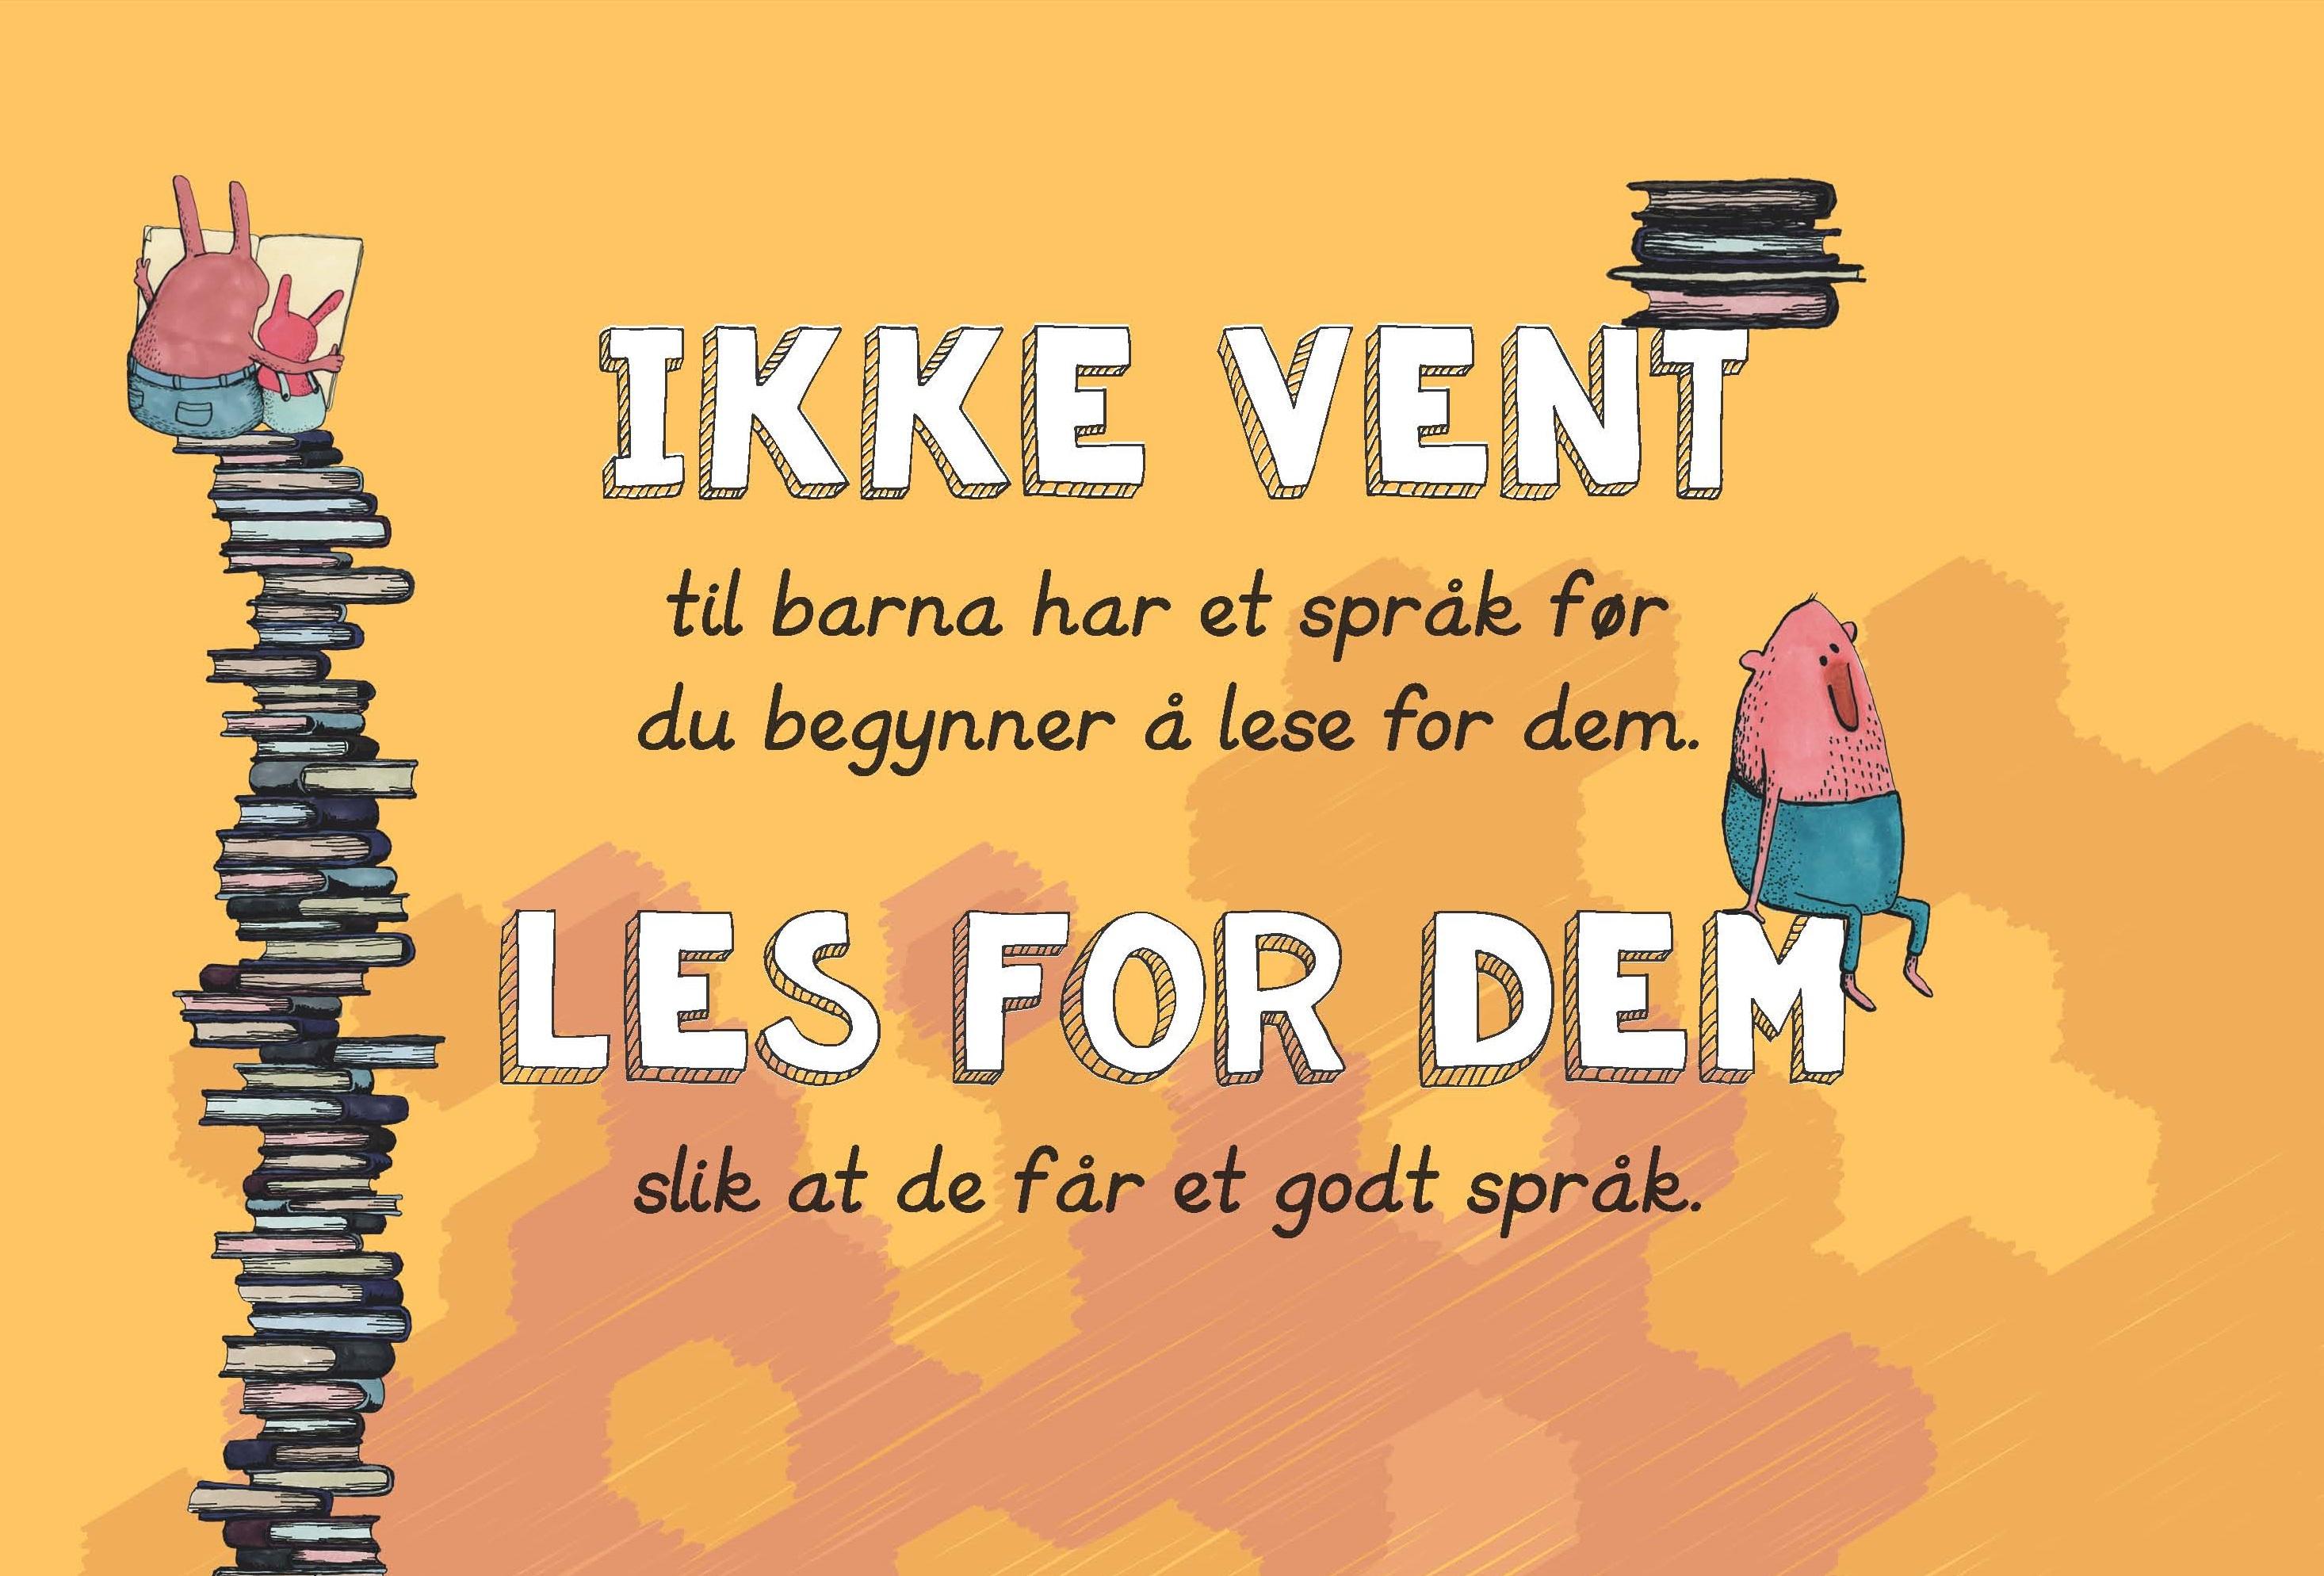 Ikke vent til barna har et språk før du begynner å lese for dem, Folder barnehageansatte (bokmål, bilde av forsiden).jpg